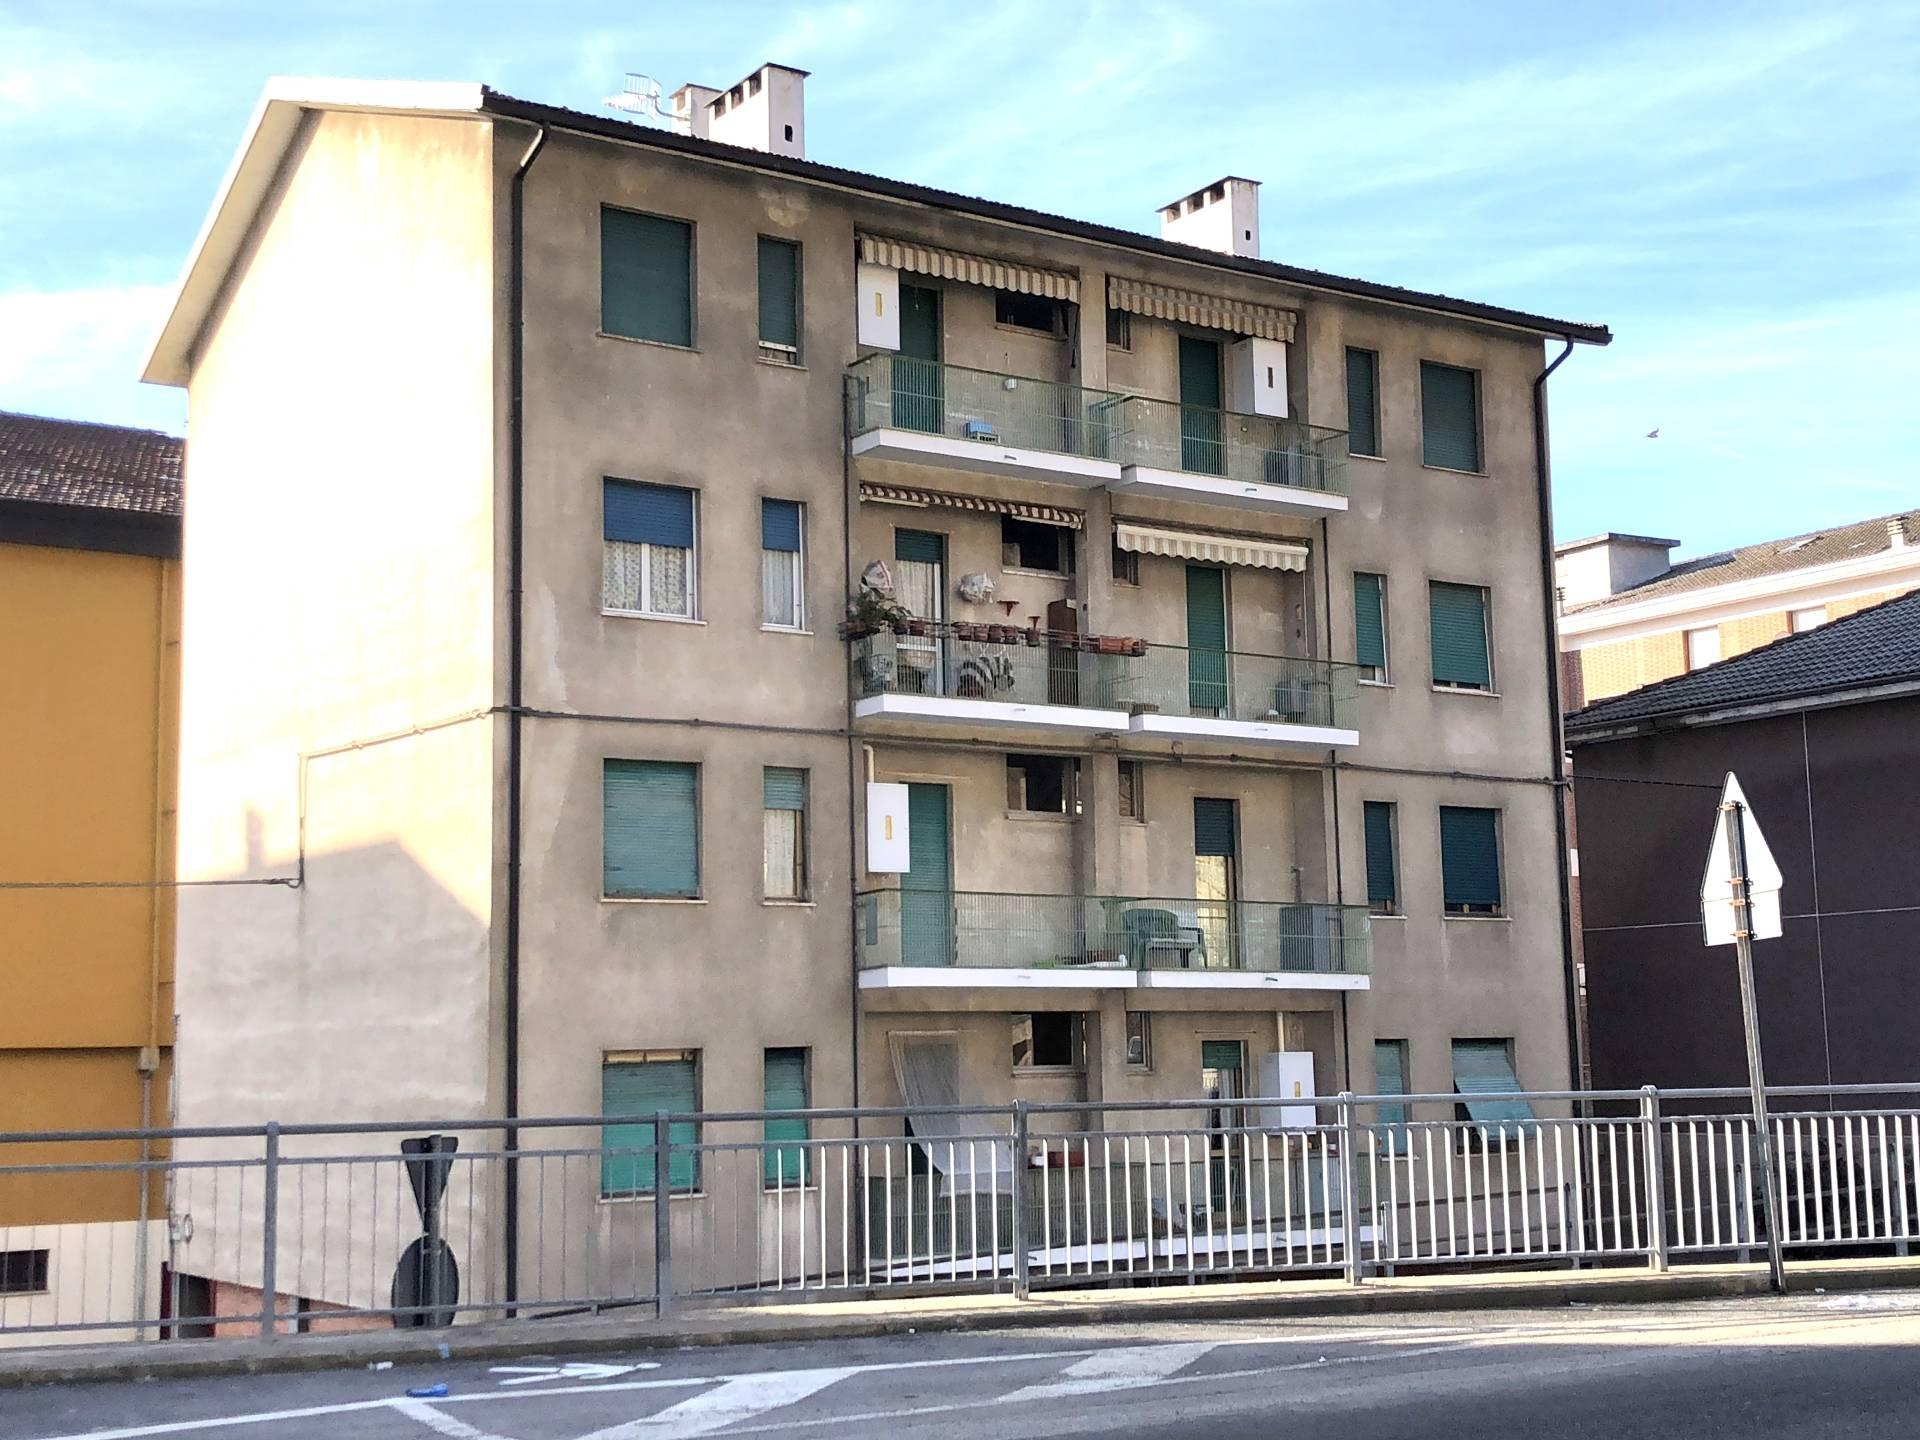 Appartamento in vendita a Cengio, 4 locali, prezzo € 37.000 | PortaleAgenzieImmobiliari.it